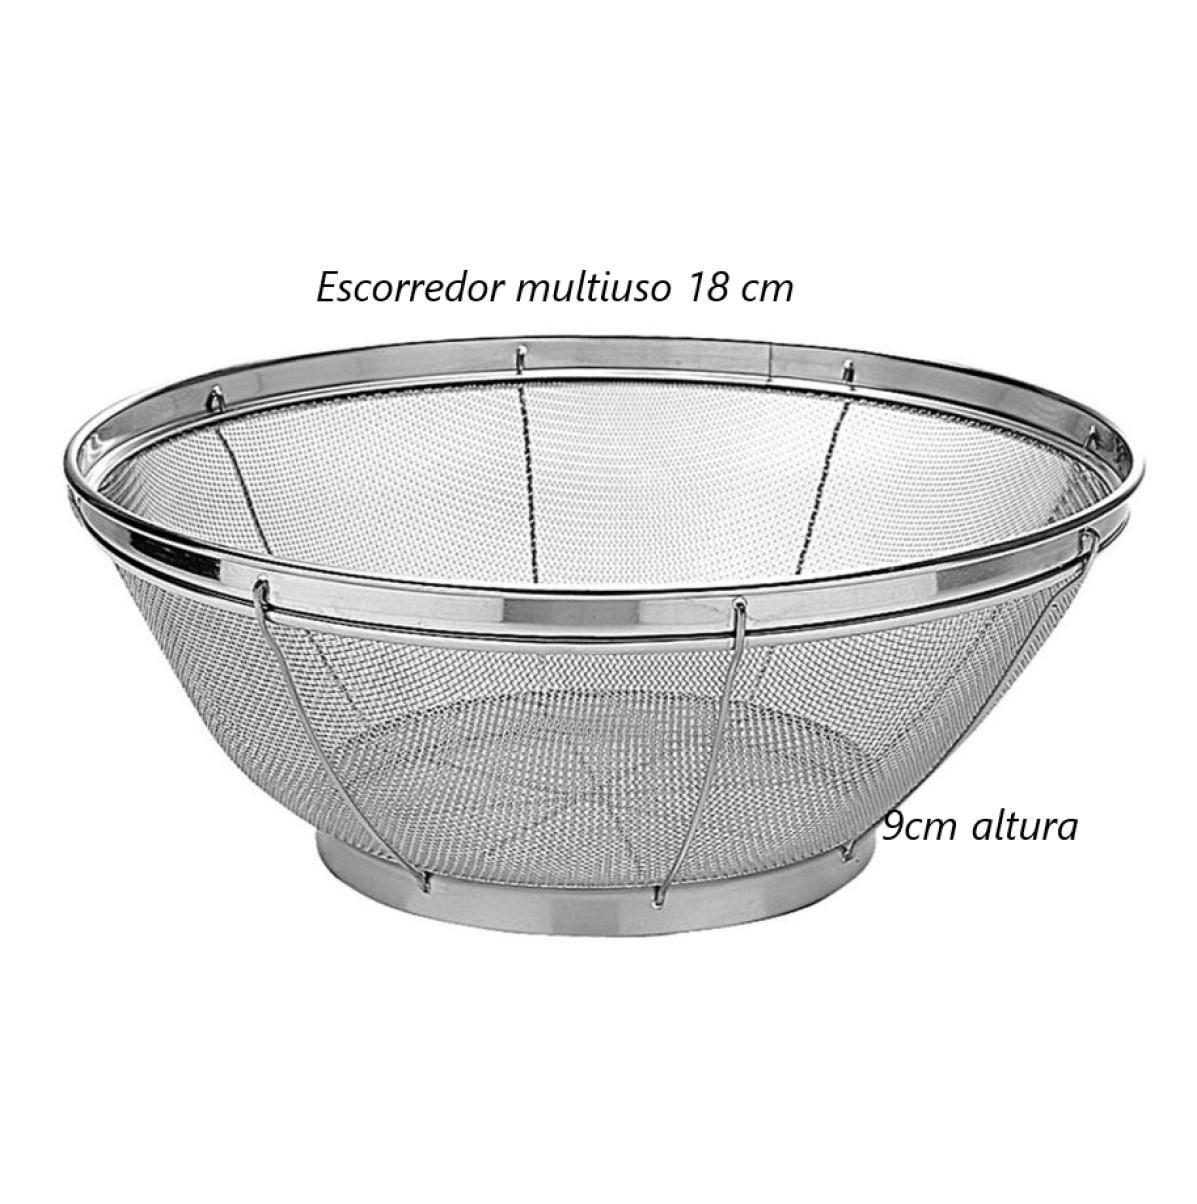 Escorredor de arroz inox macarrão peneira de cozinha coar e escorrer 18x9cm